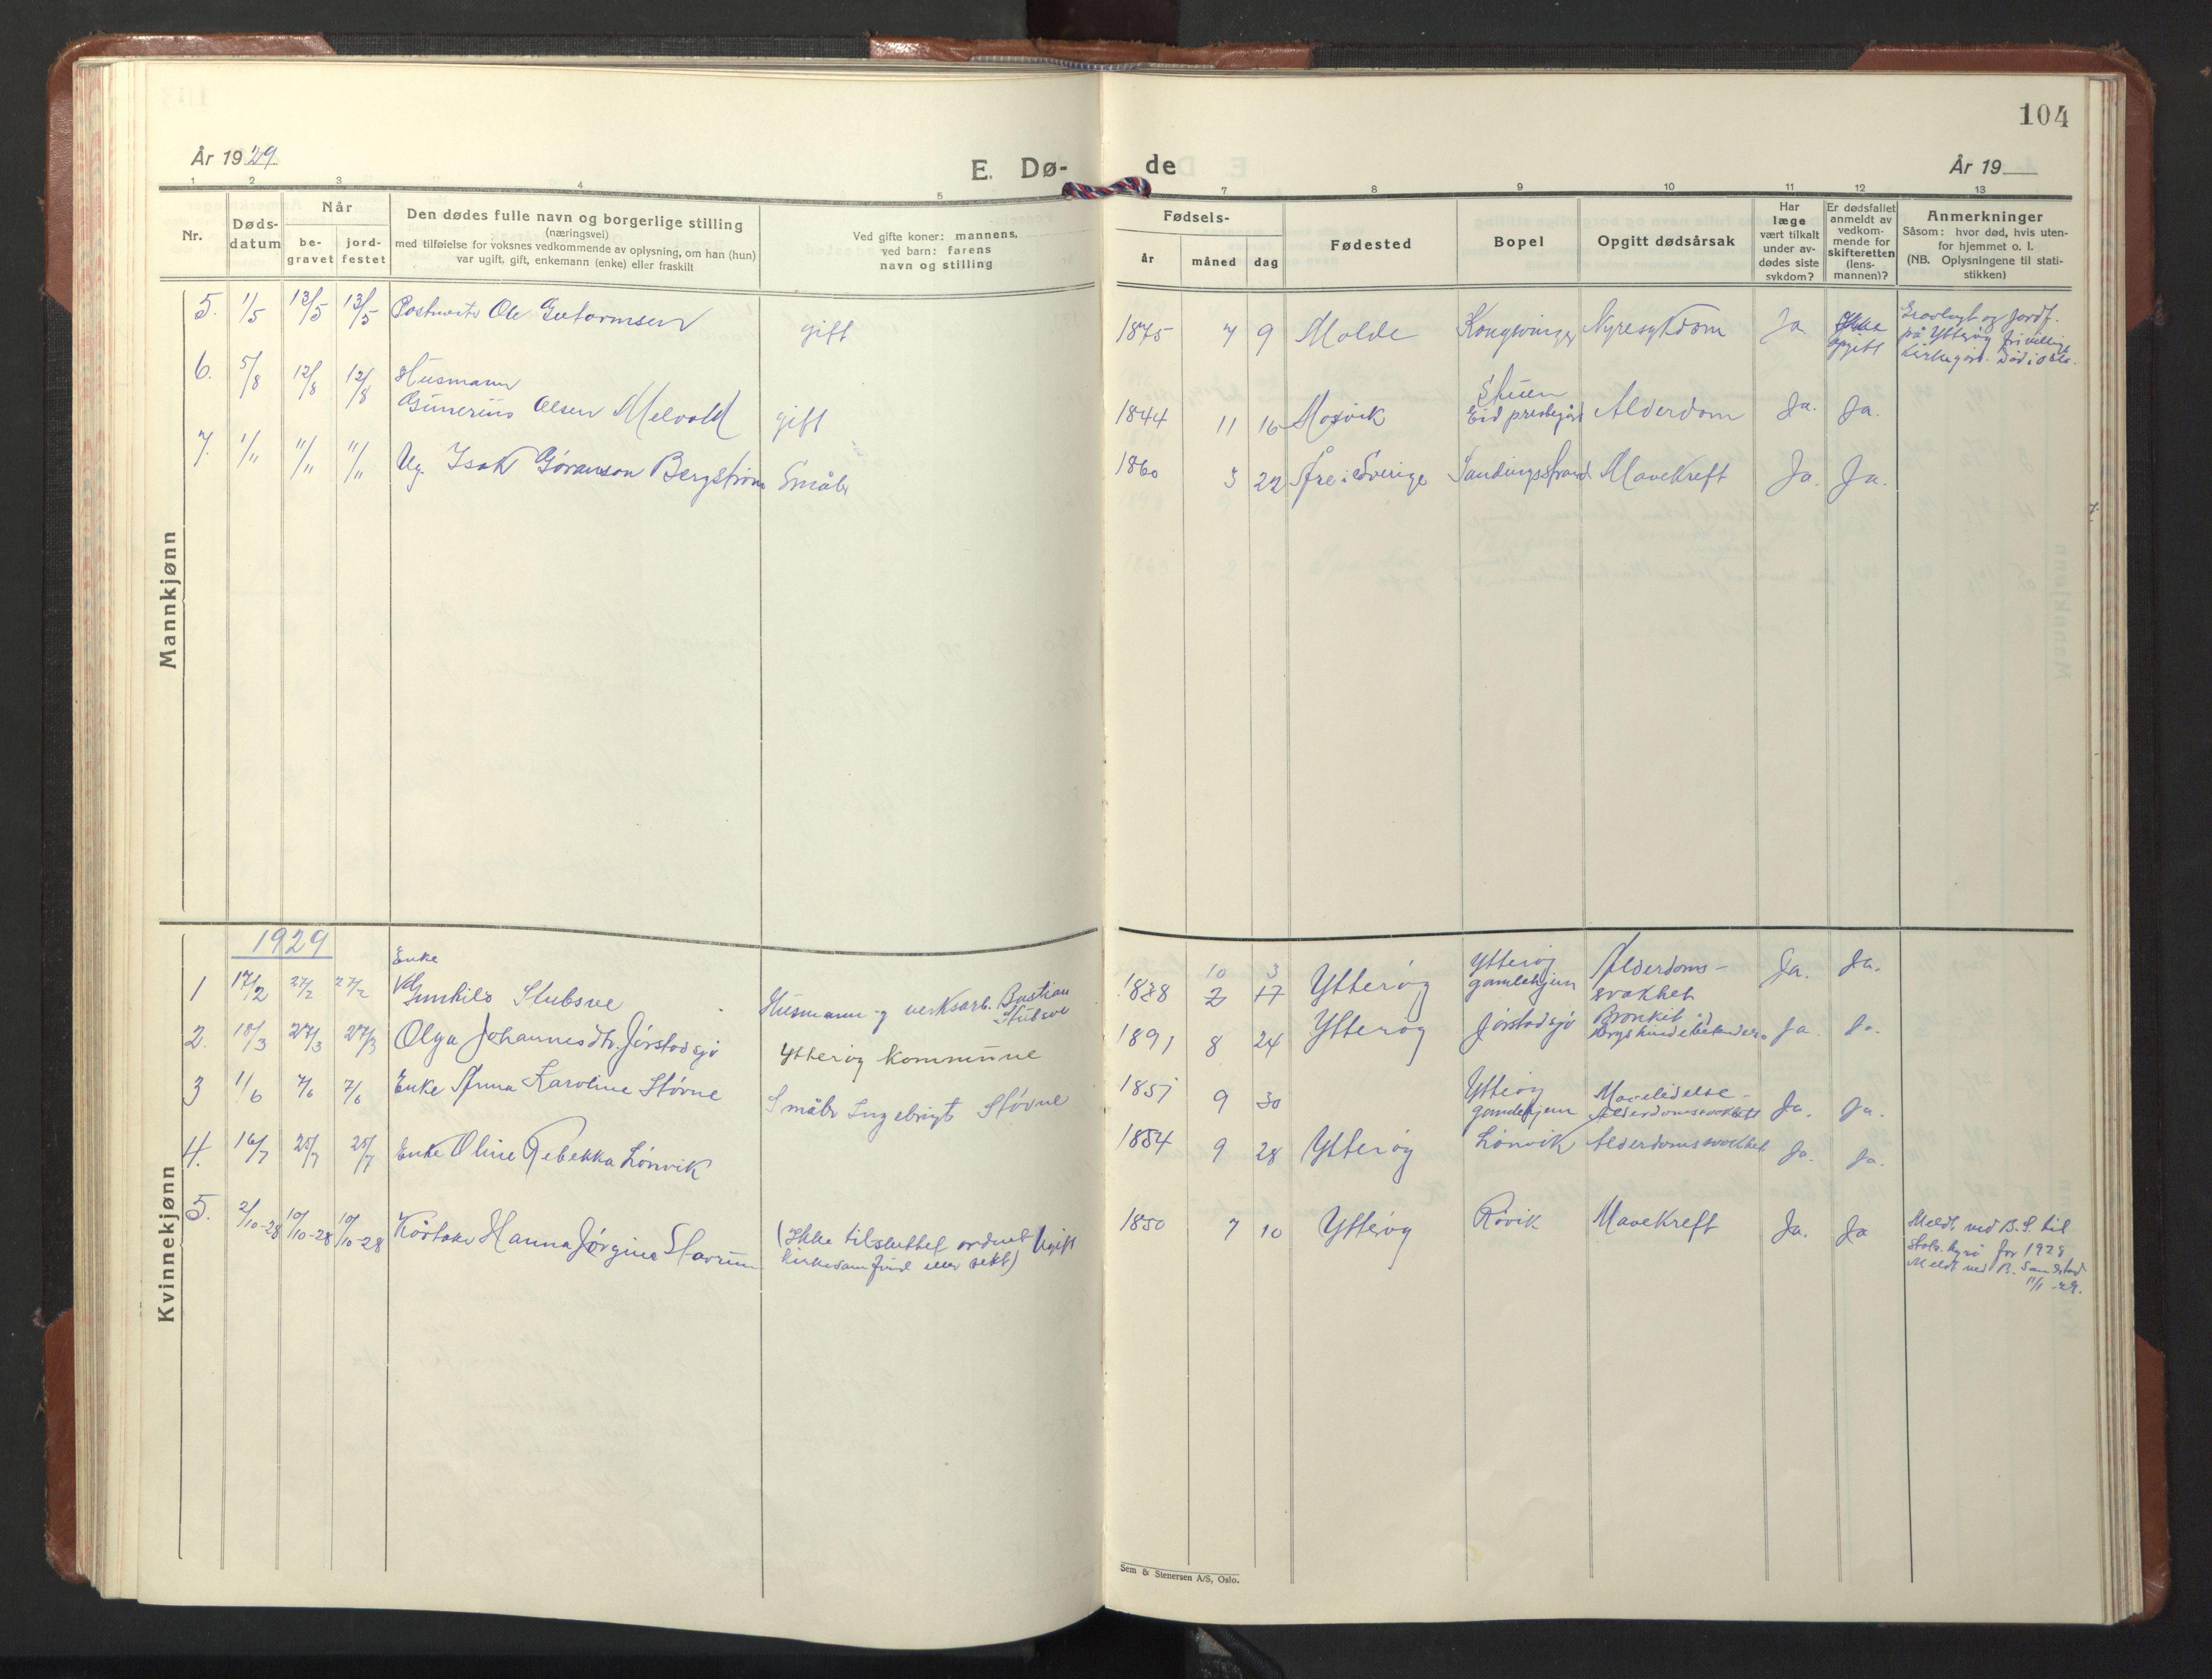 SAT, Ministerialprotokoller, klokkerbøker og fødselsregistre - Nord-Trøndelag, 722/L0227: Klokkerbok nr. 722C03, 1928-1958, s. 104